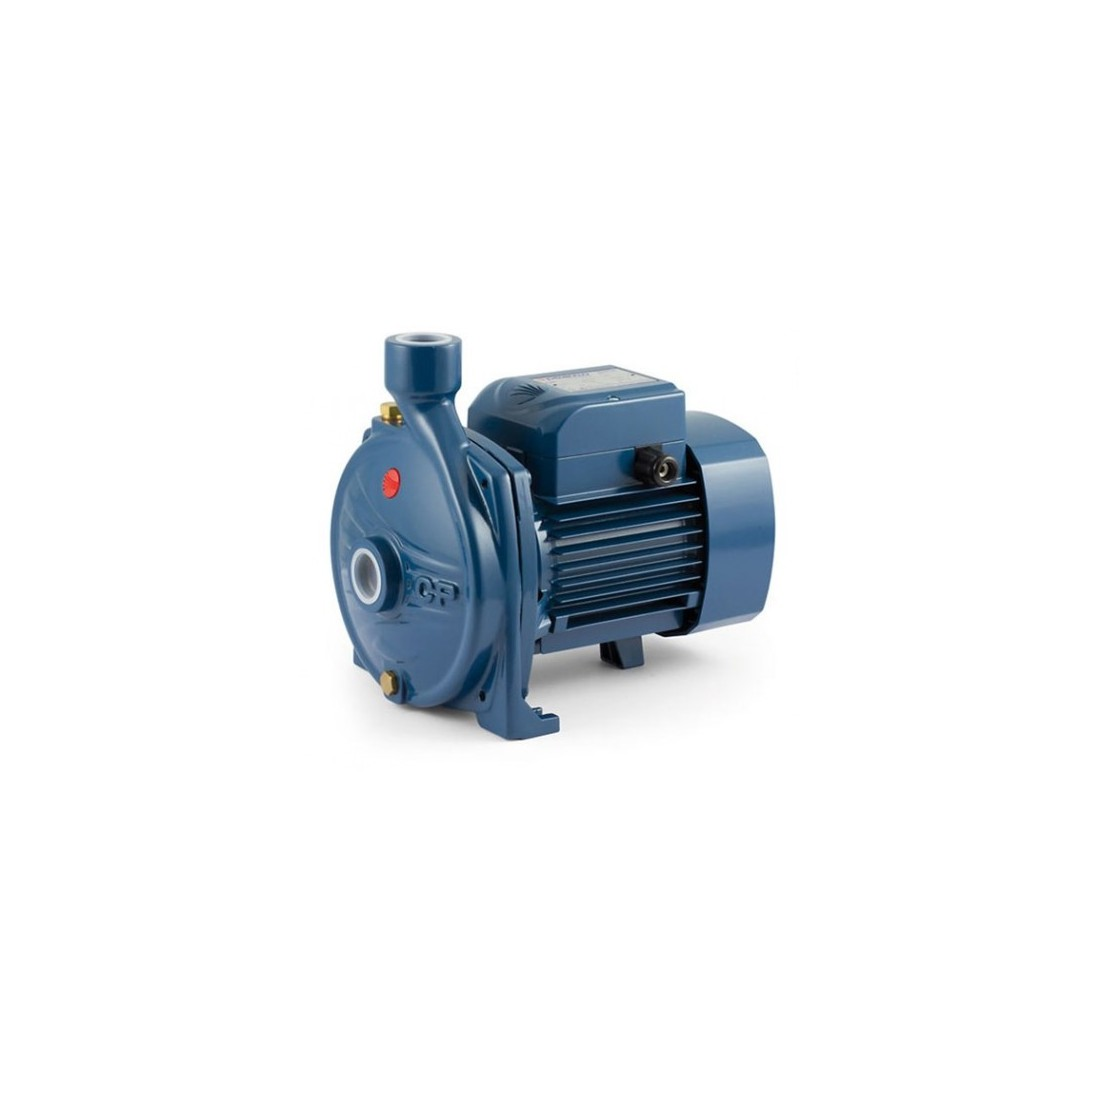 Pompa de suprafata centrifugala Pedrollo CPm 132 monofazata